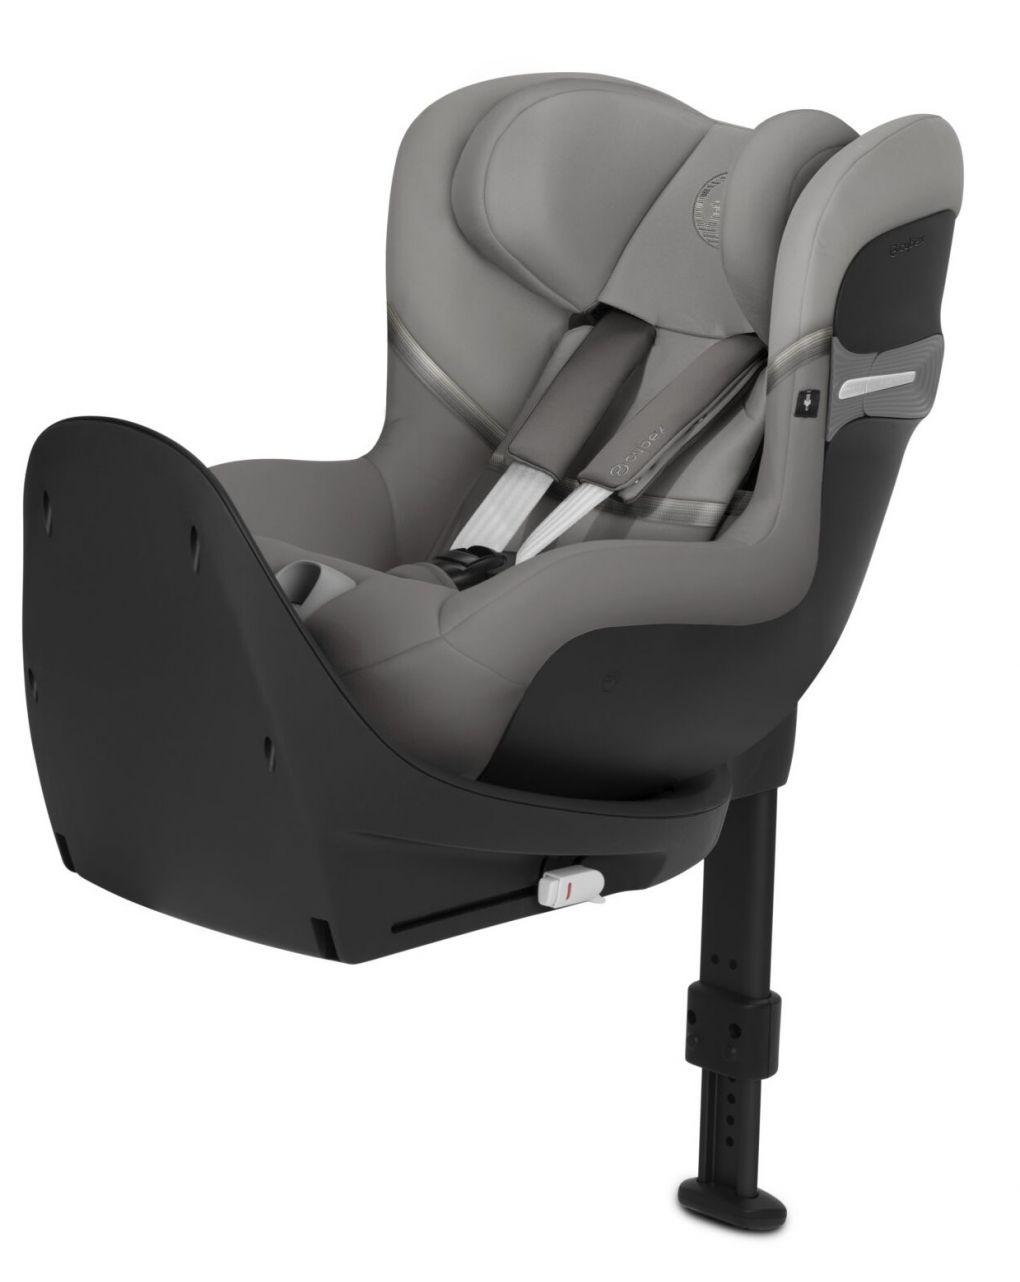 Cybex Κάθισμα Αυτοκινήτου Sirona SX2 i-size - Γκρι